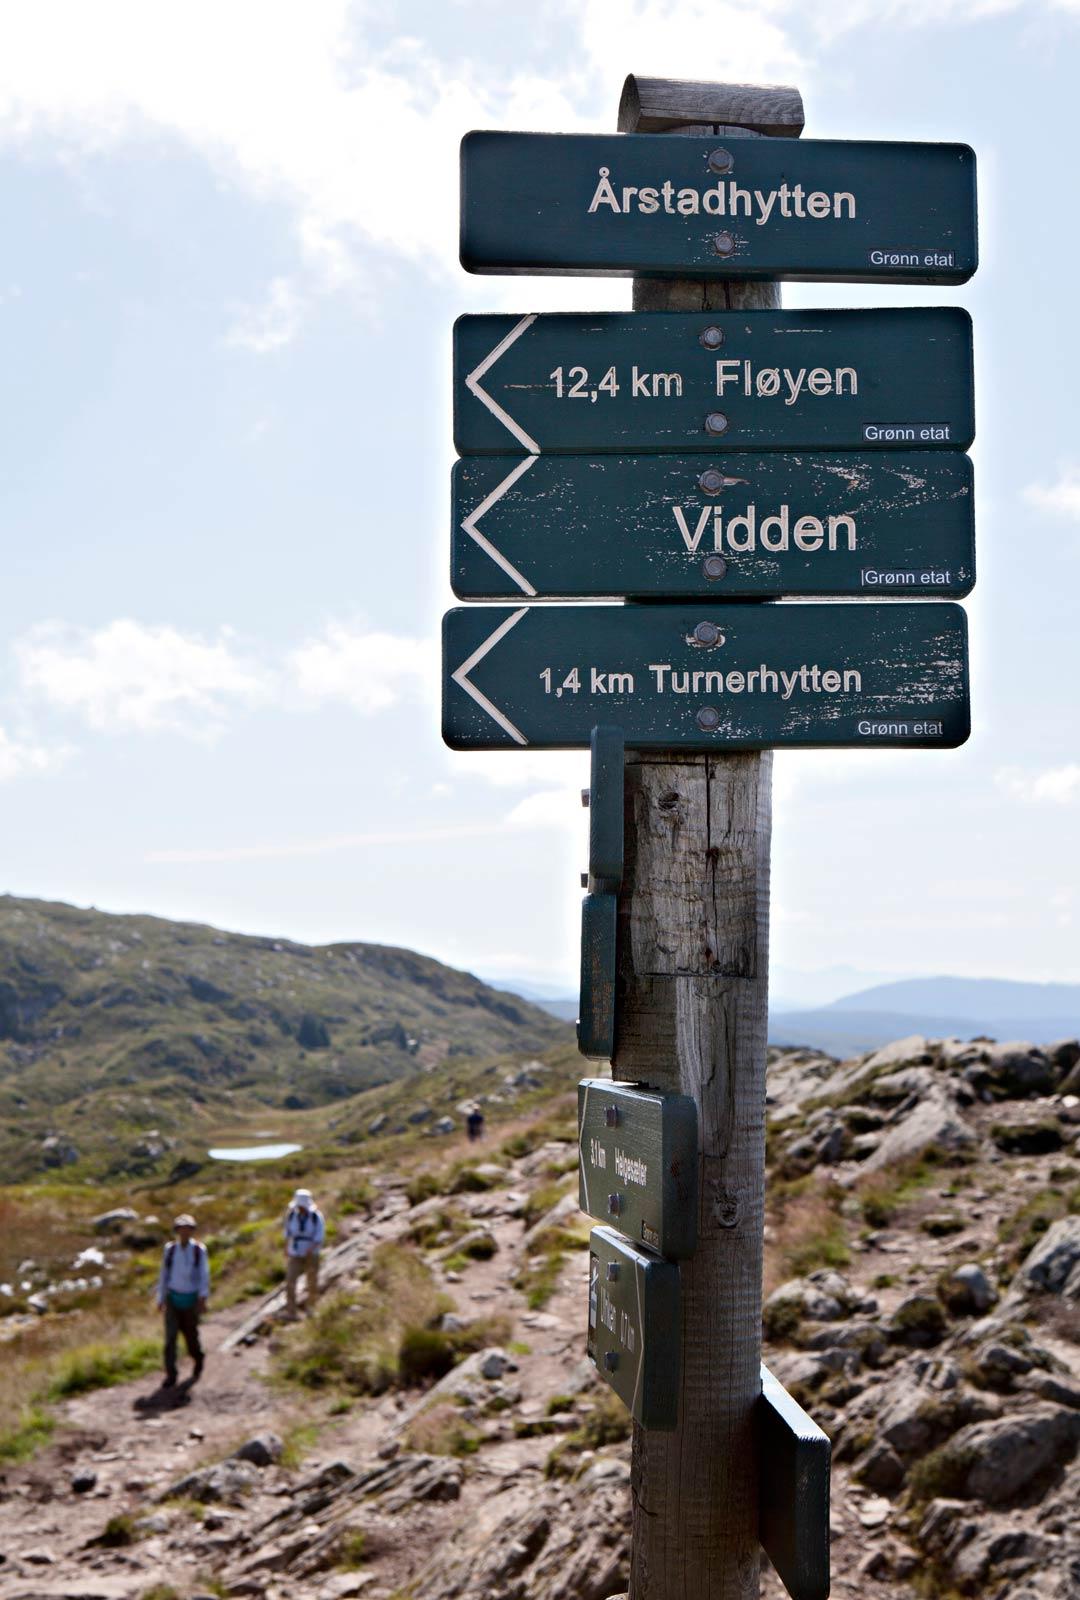 Bergenissä vaellusreiti on merkitty hyvin